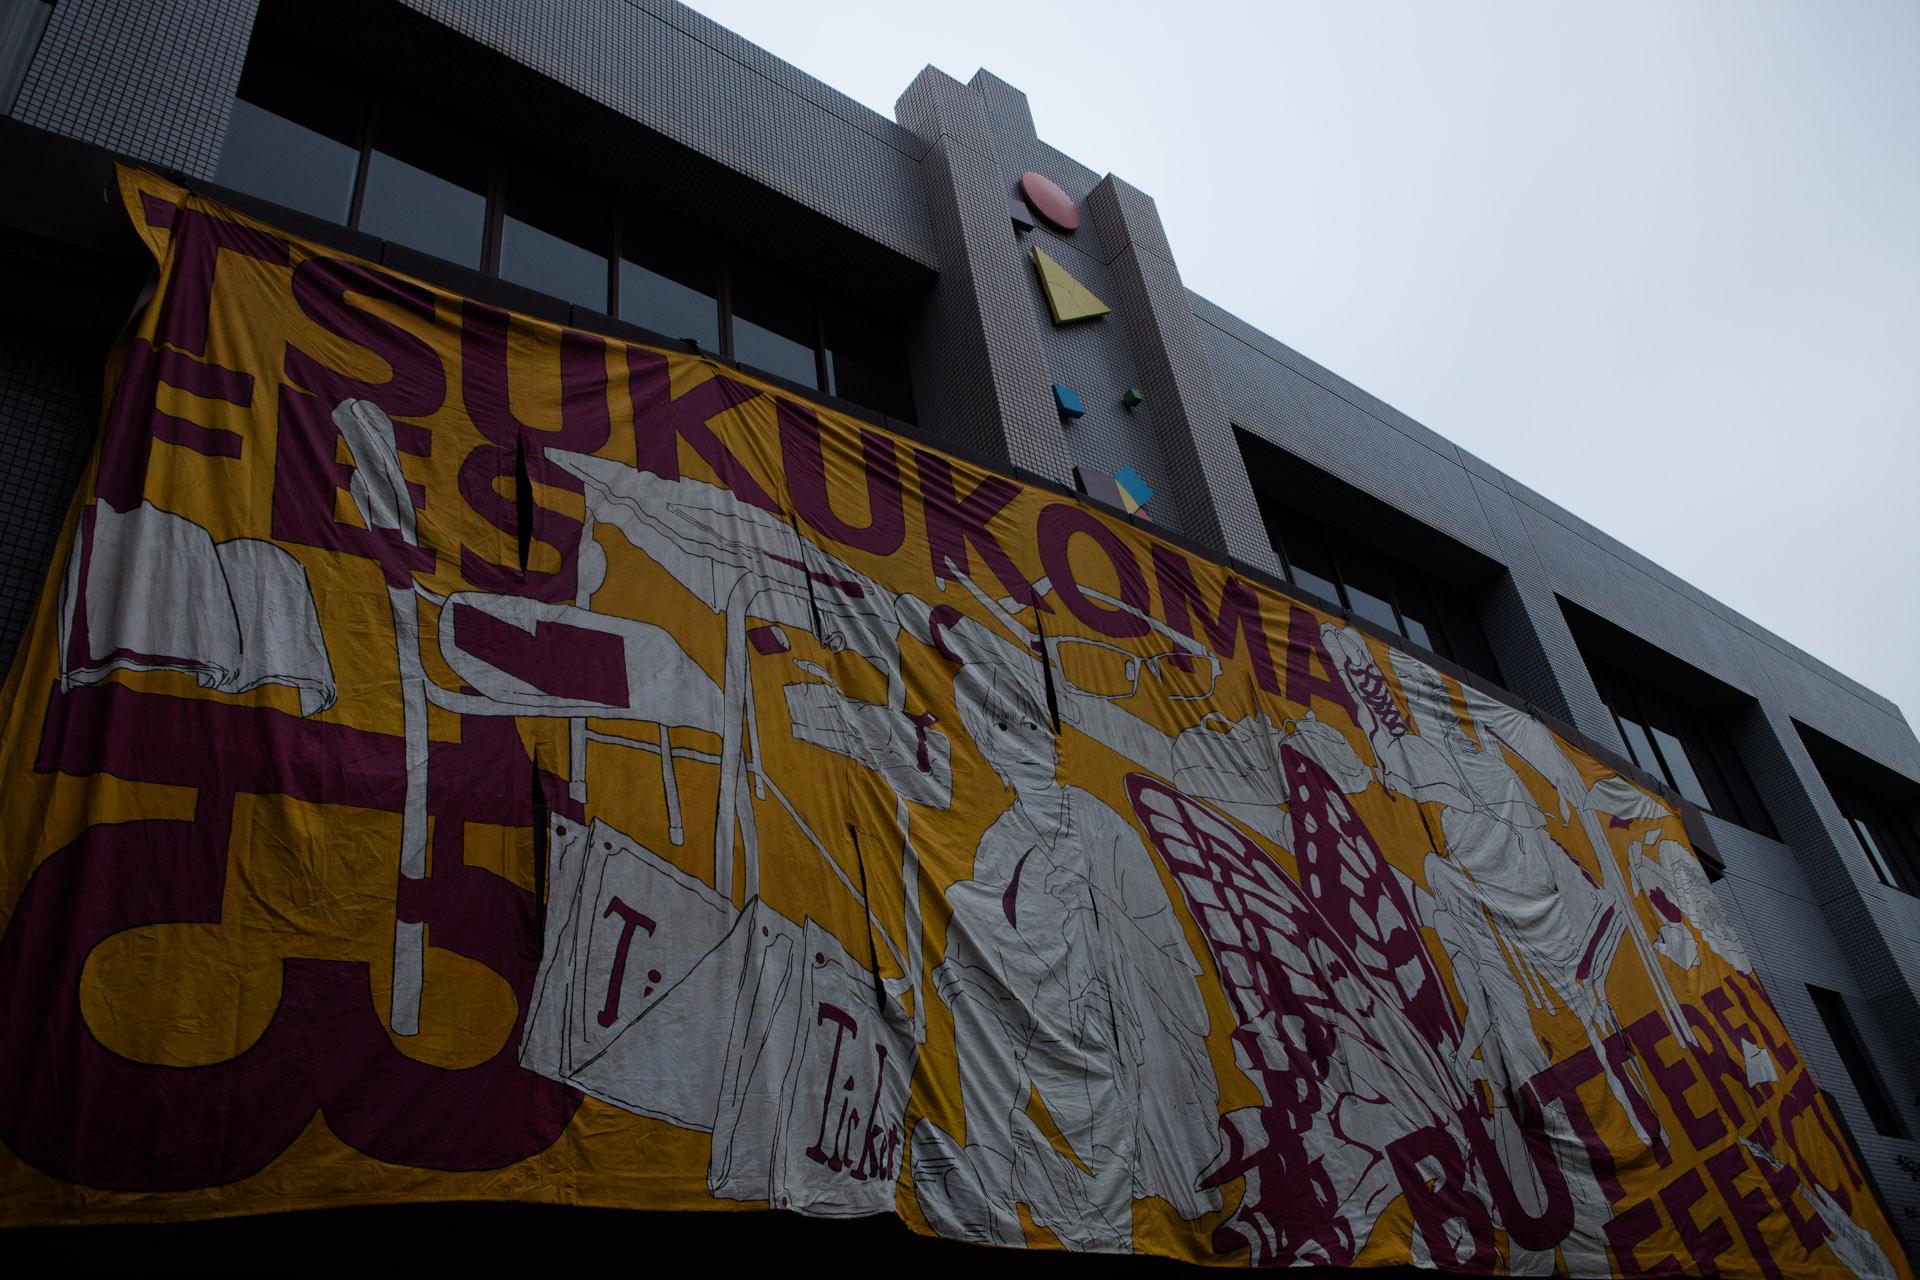 2013年筑駒文化祭開幕!